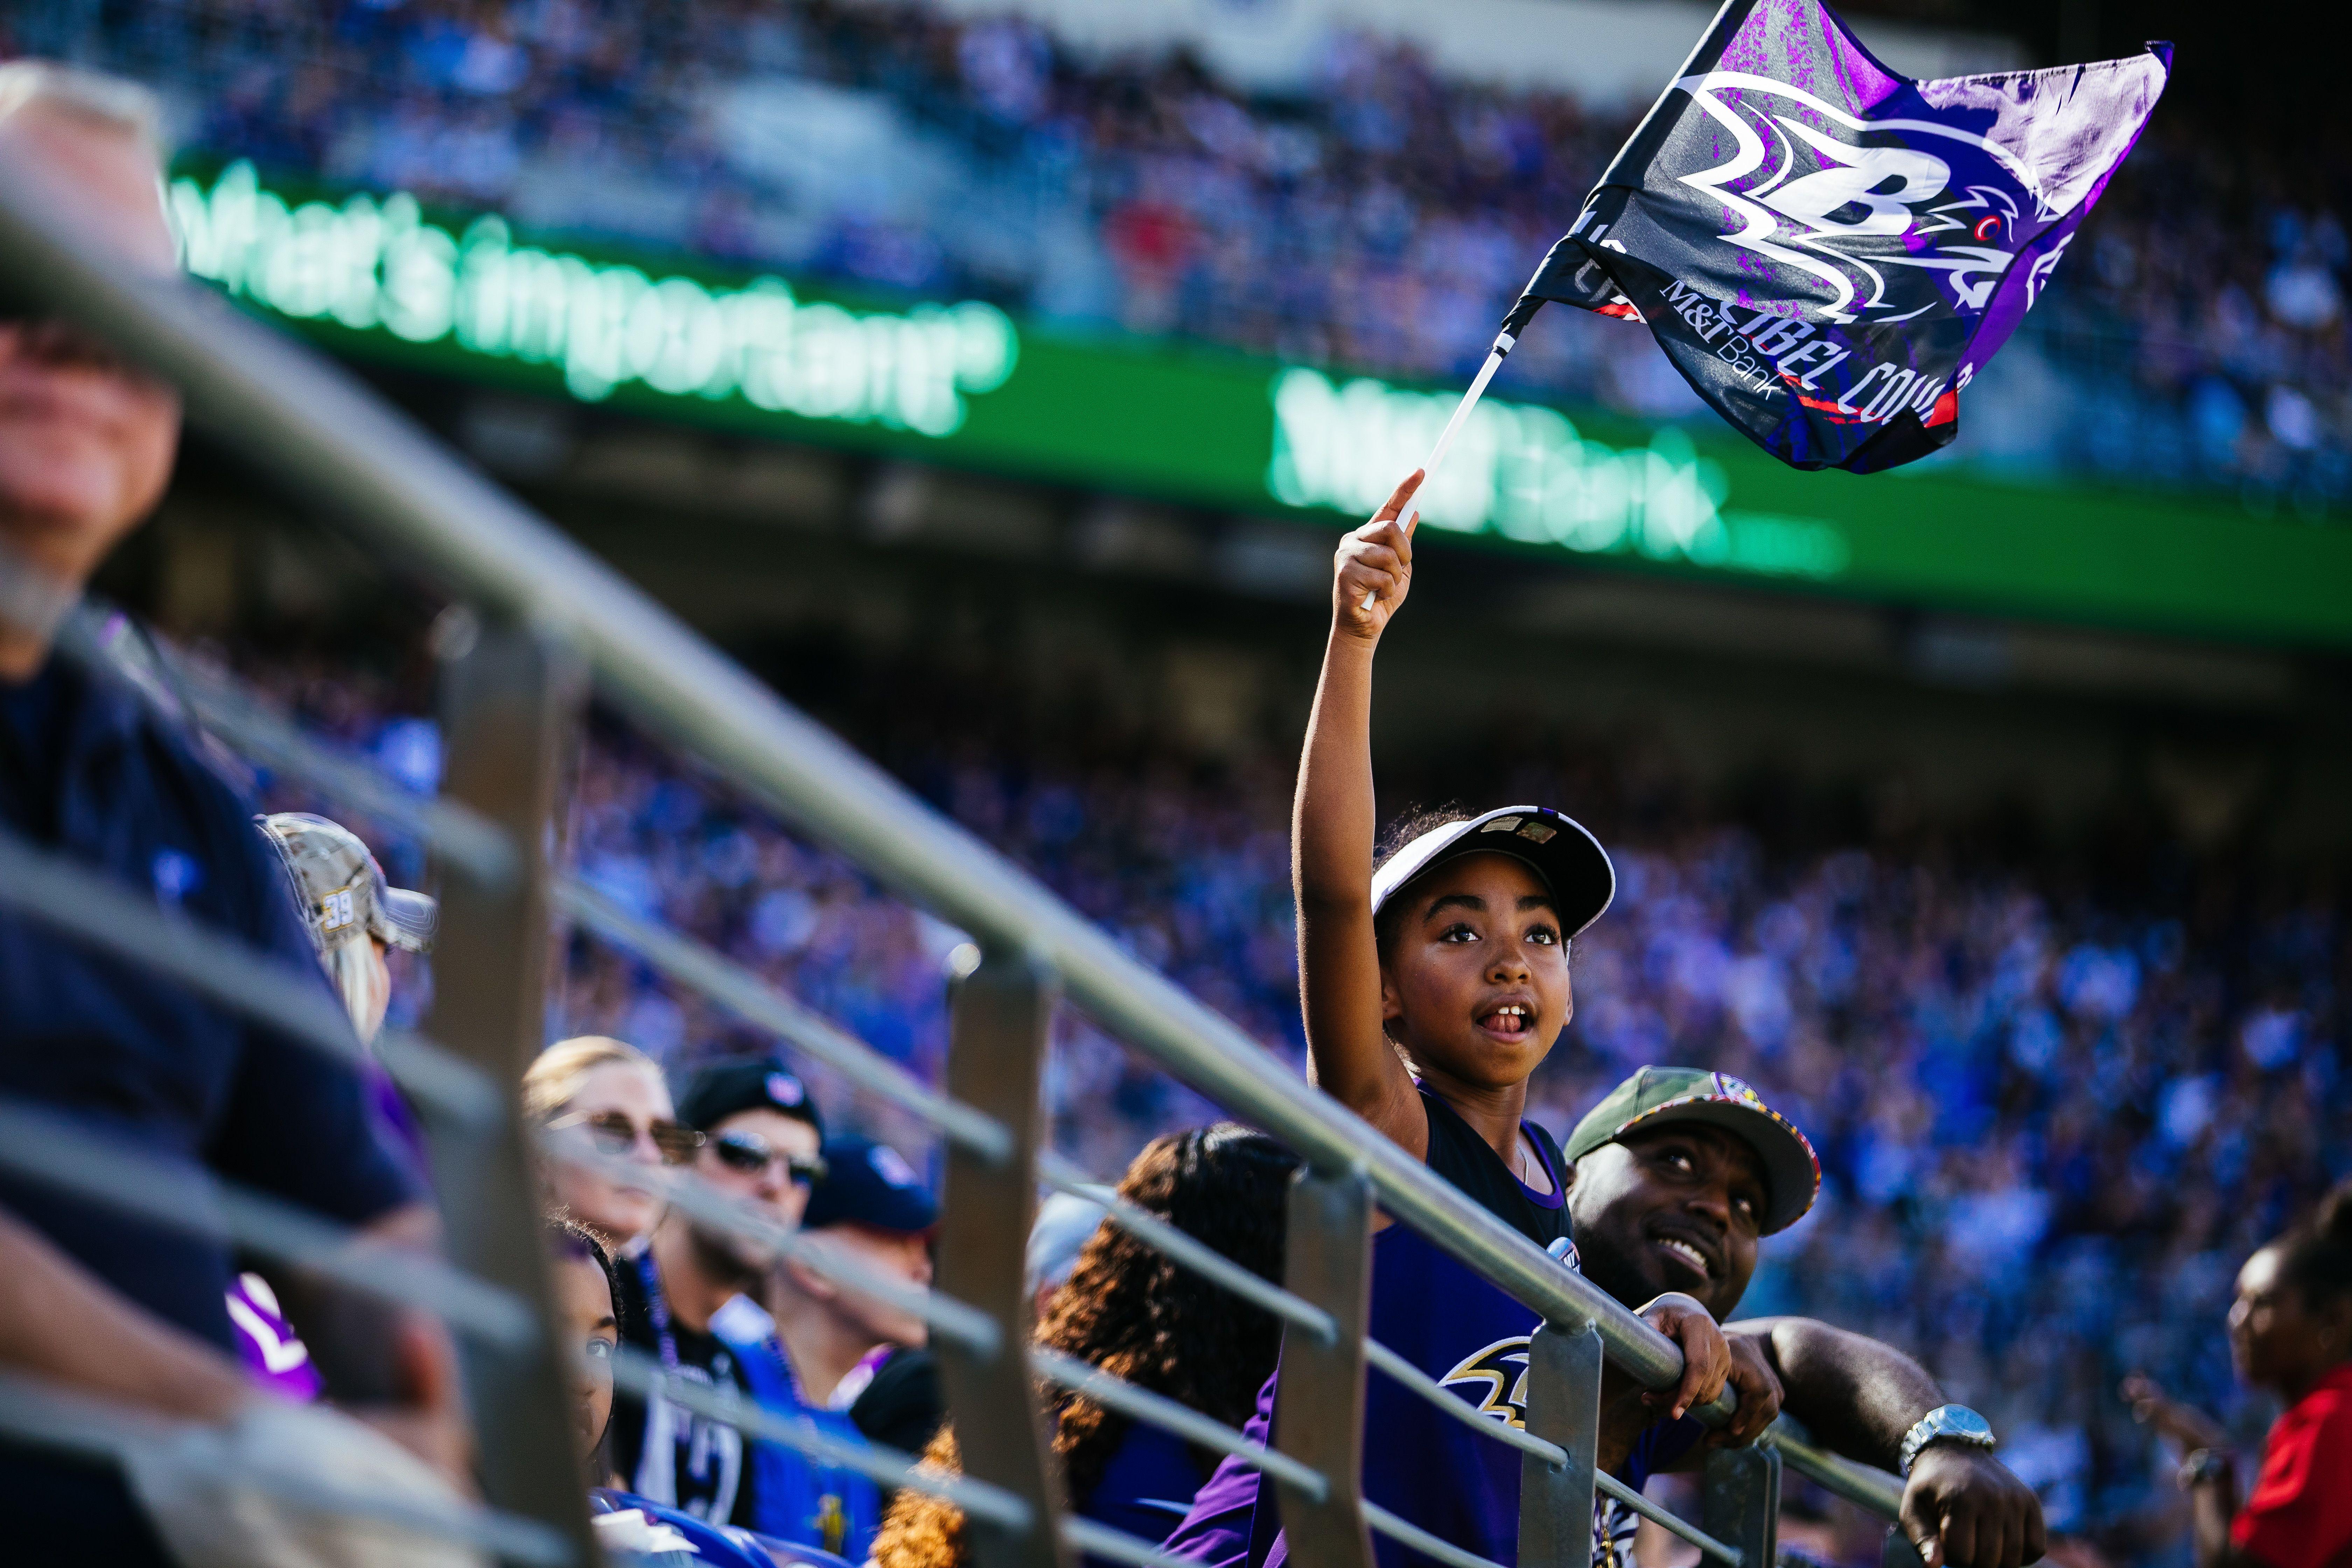 M&T Bank Stadium Baltimore, Maryland September 15, 2019 Baltimore Ravens vs. Arizona Cardinals 23 - 17 Win Regular Season Week 2